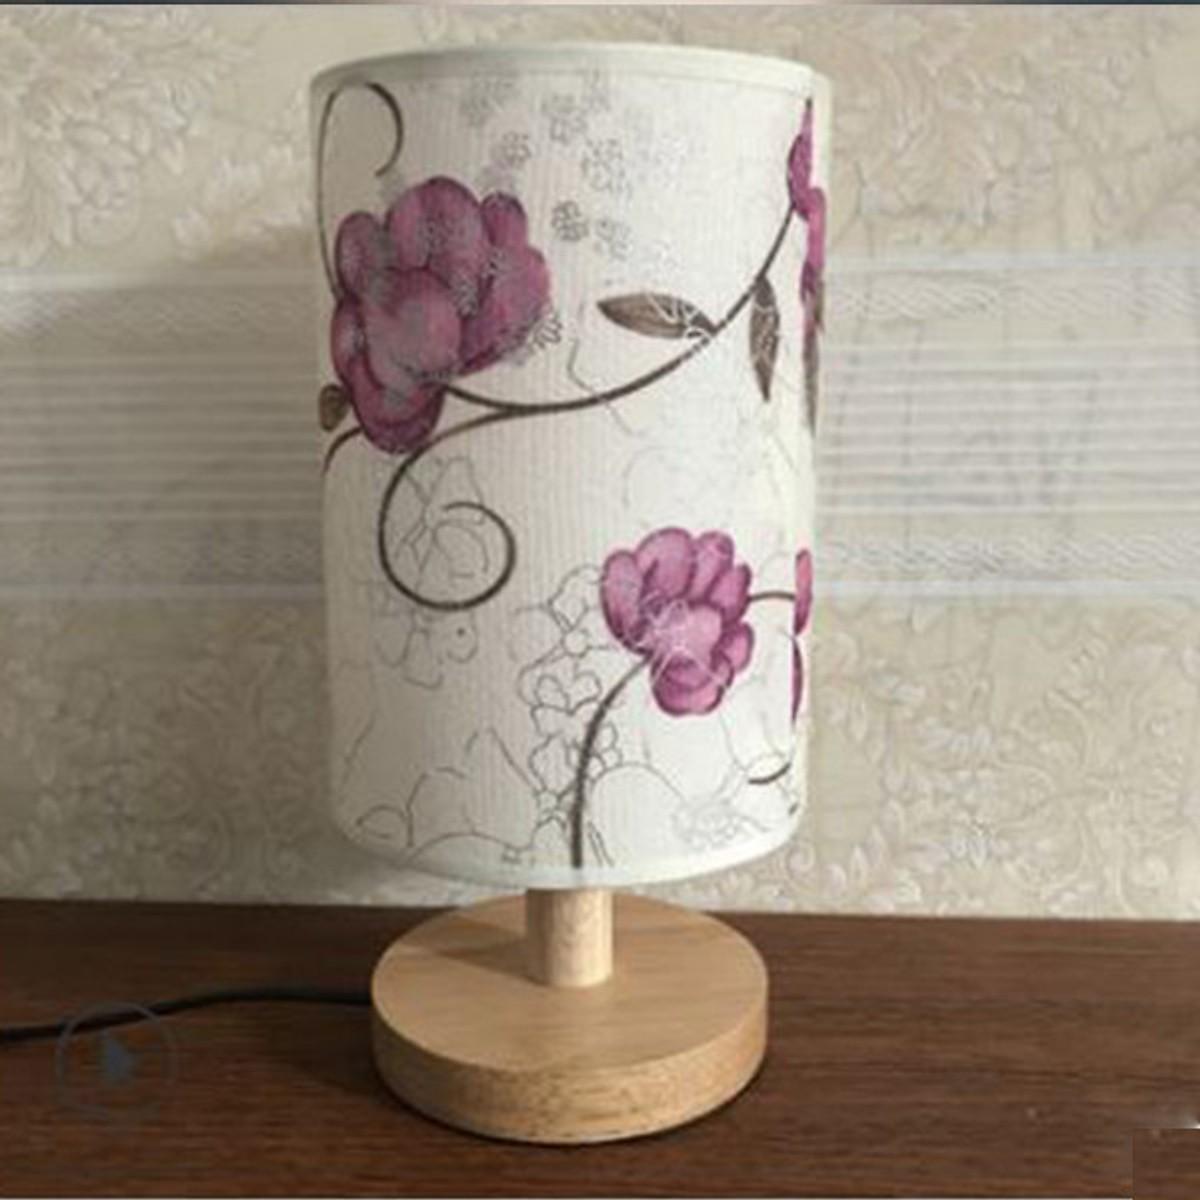 Đèn ngủ - đèn ngủ để bàn - đèn trang trí phòng ngủ - đèn gỗ - phong cách hiện đại TINA